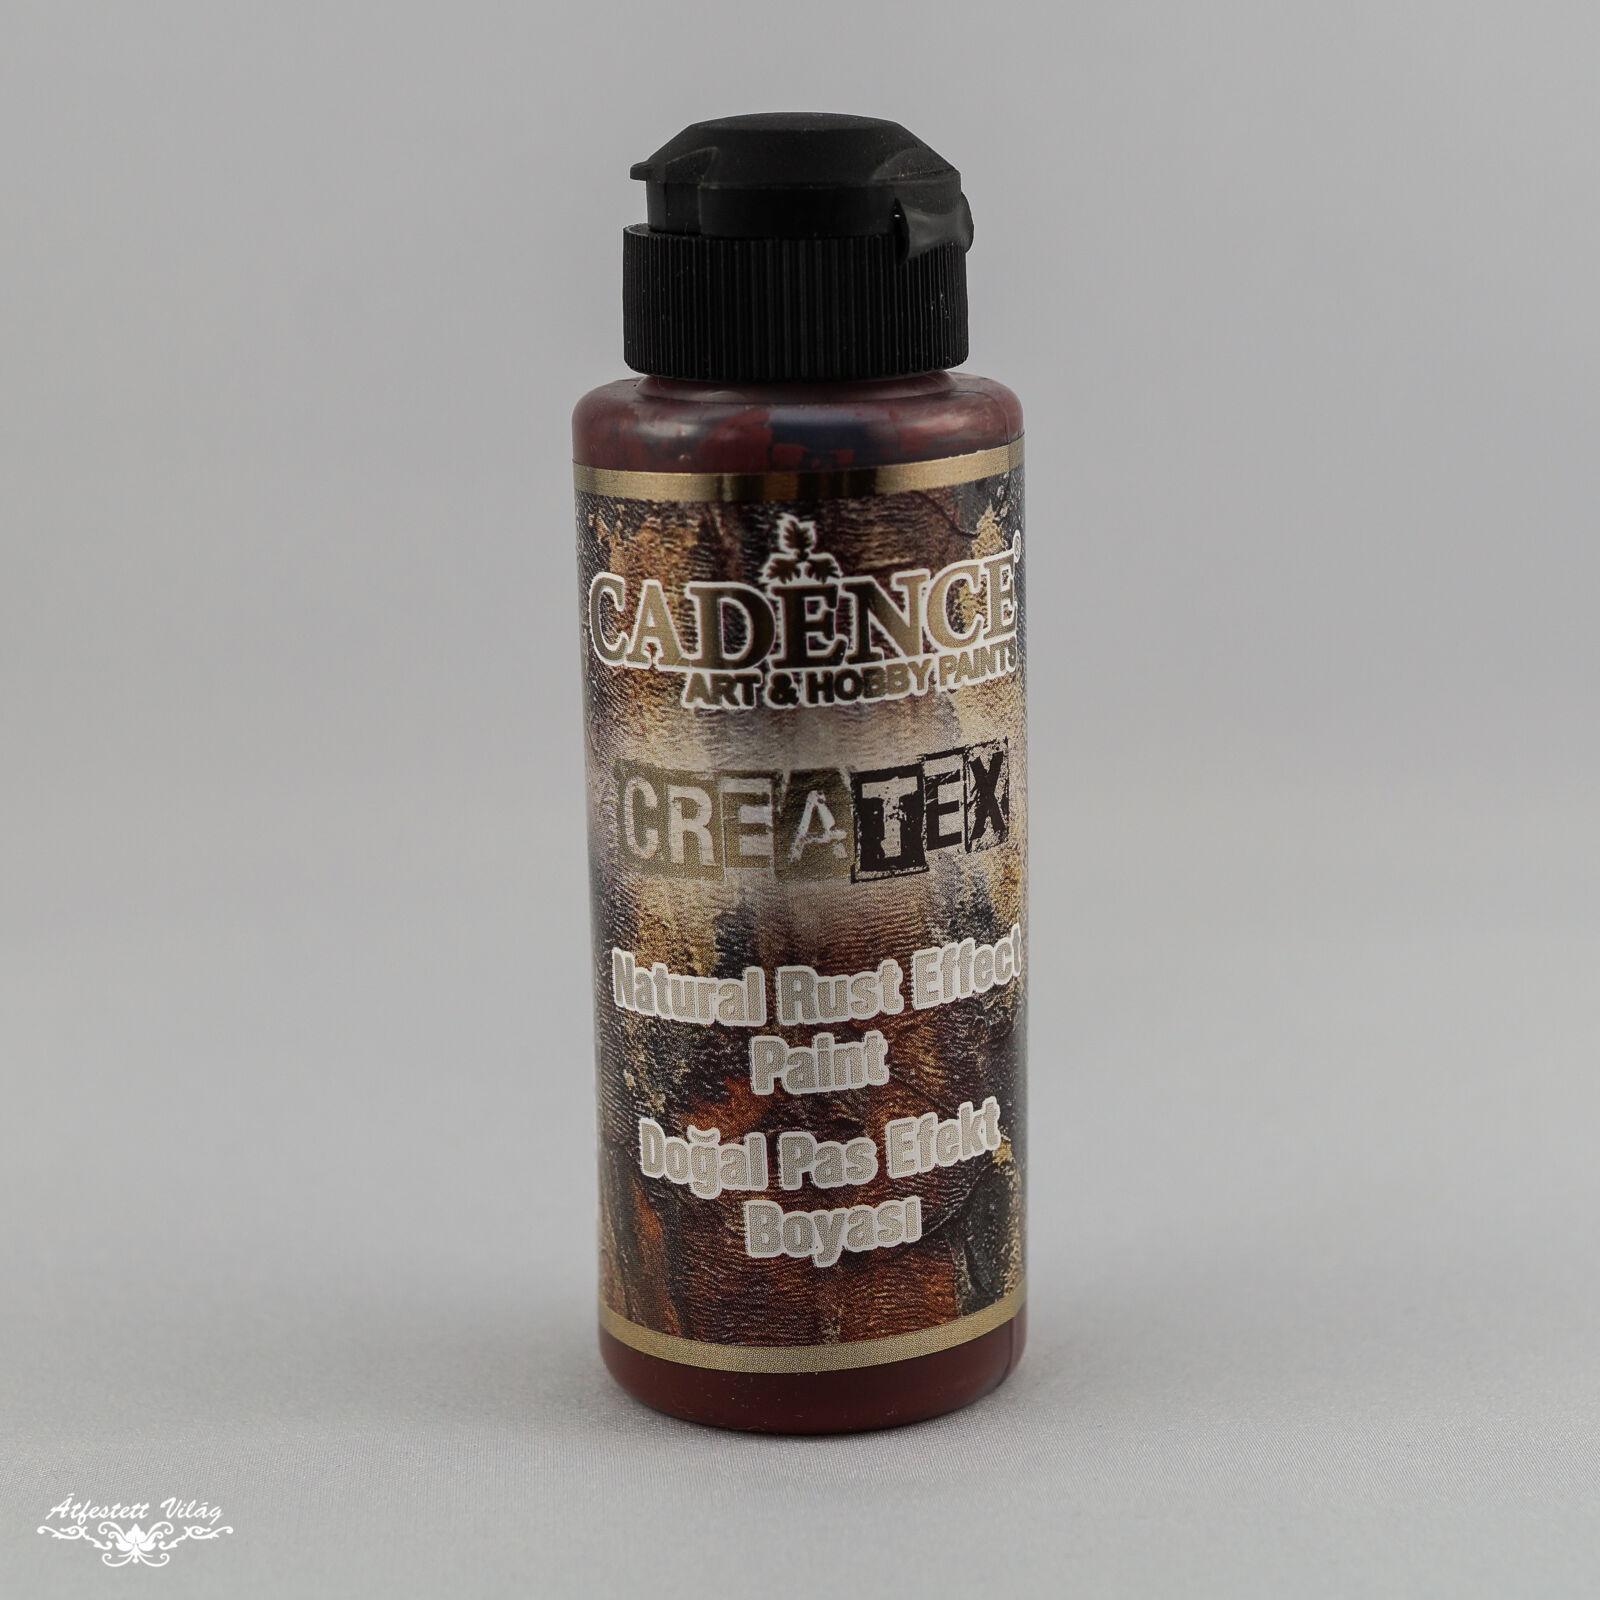 Natural rust effect paint (Createx rozsda effekt festék) 120ml